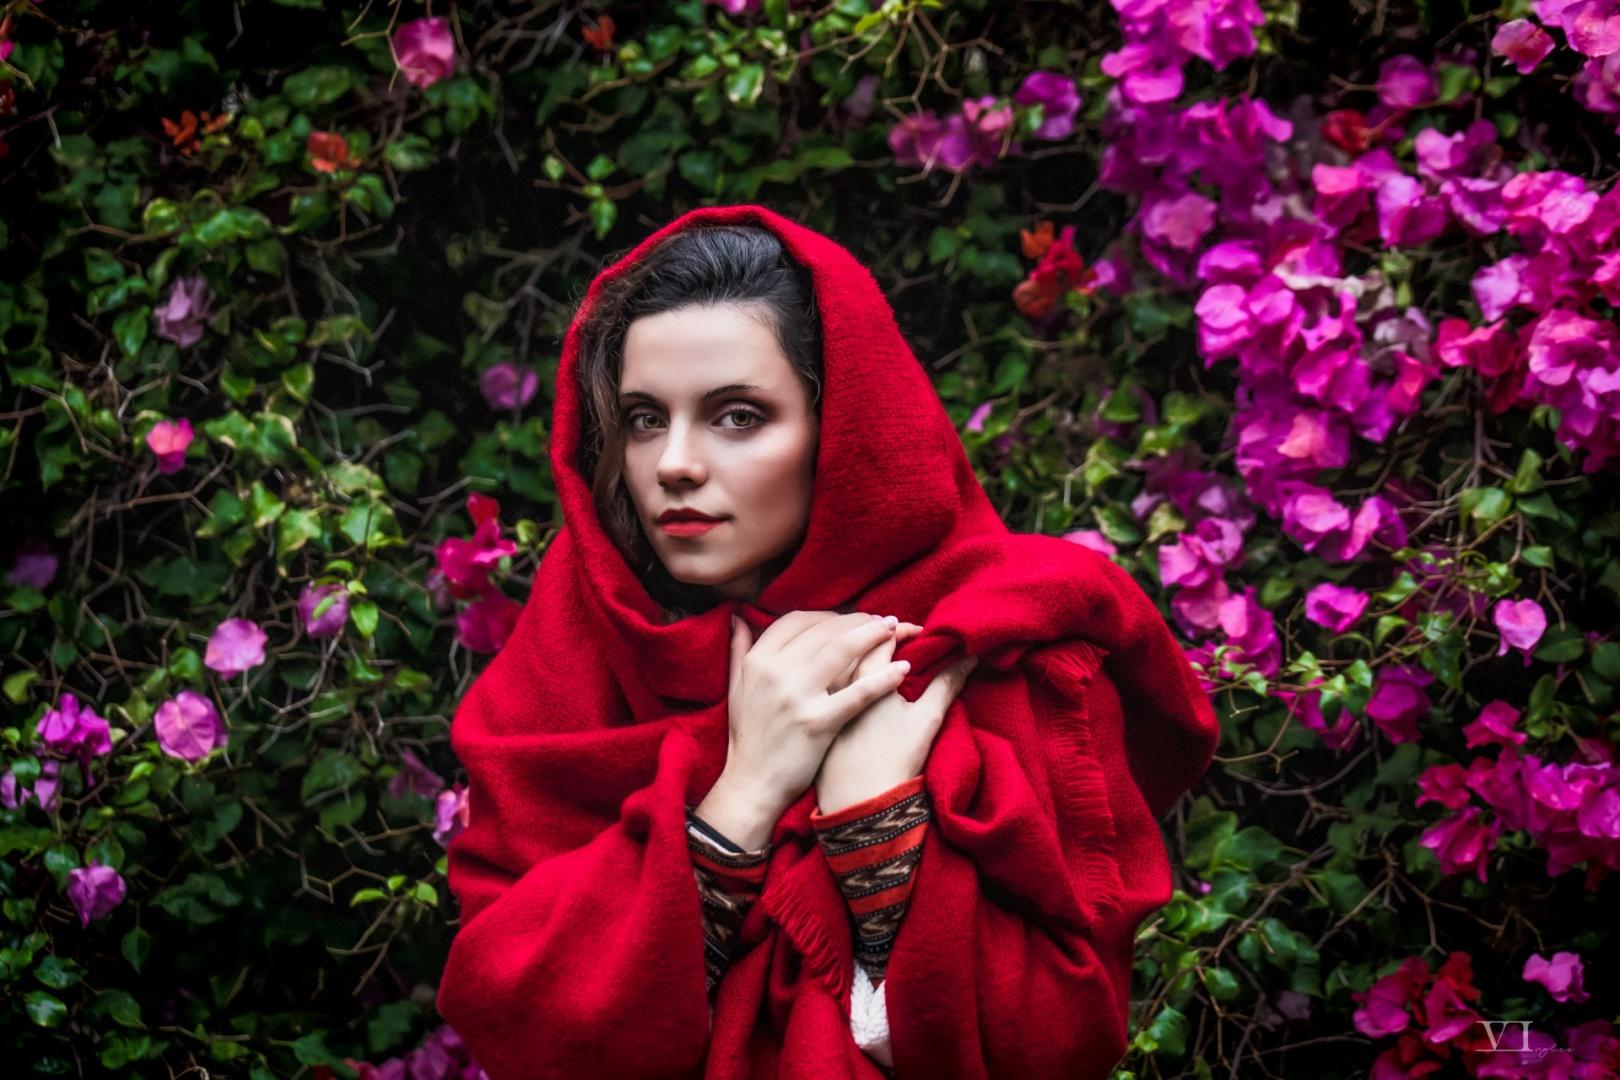 Retratos/Red Riding Hood